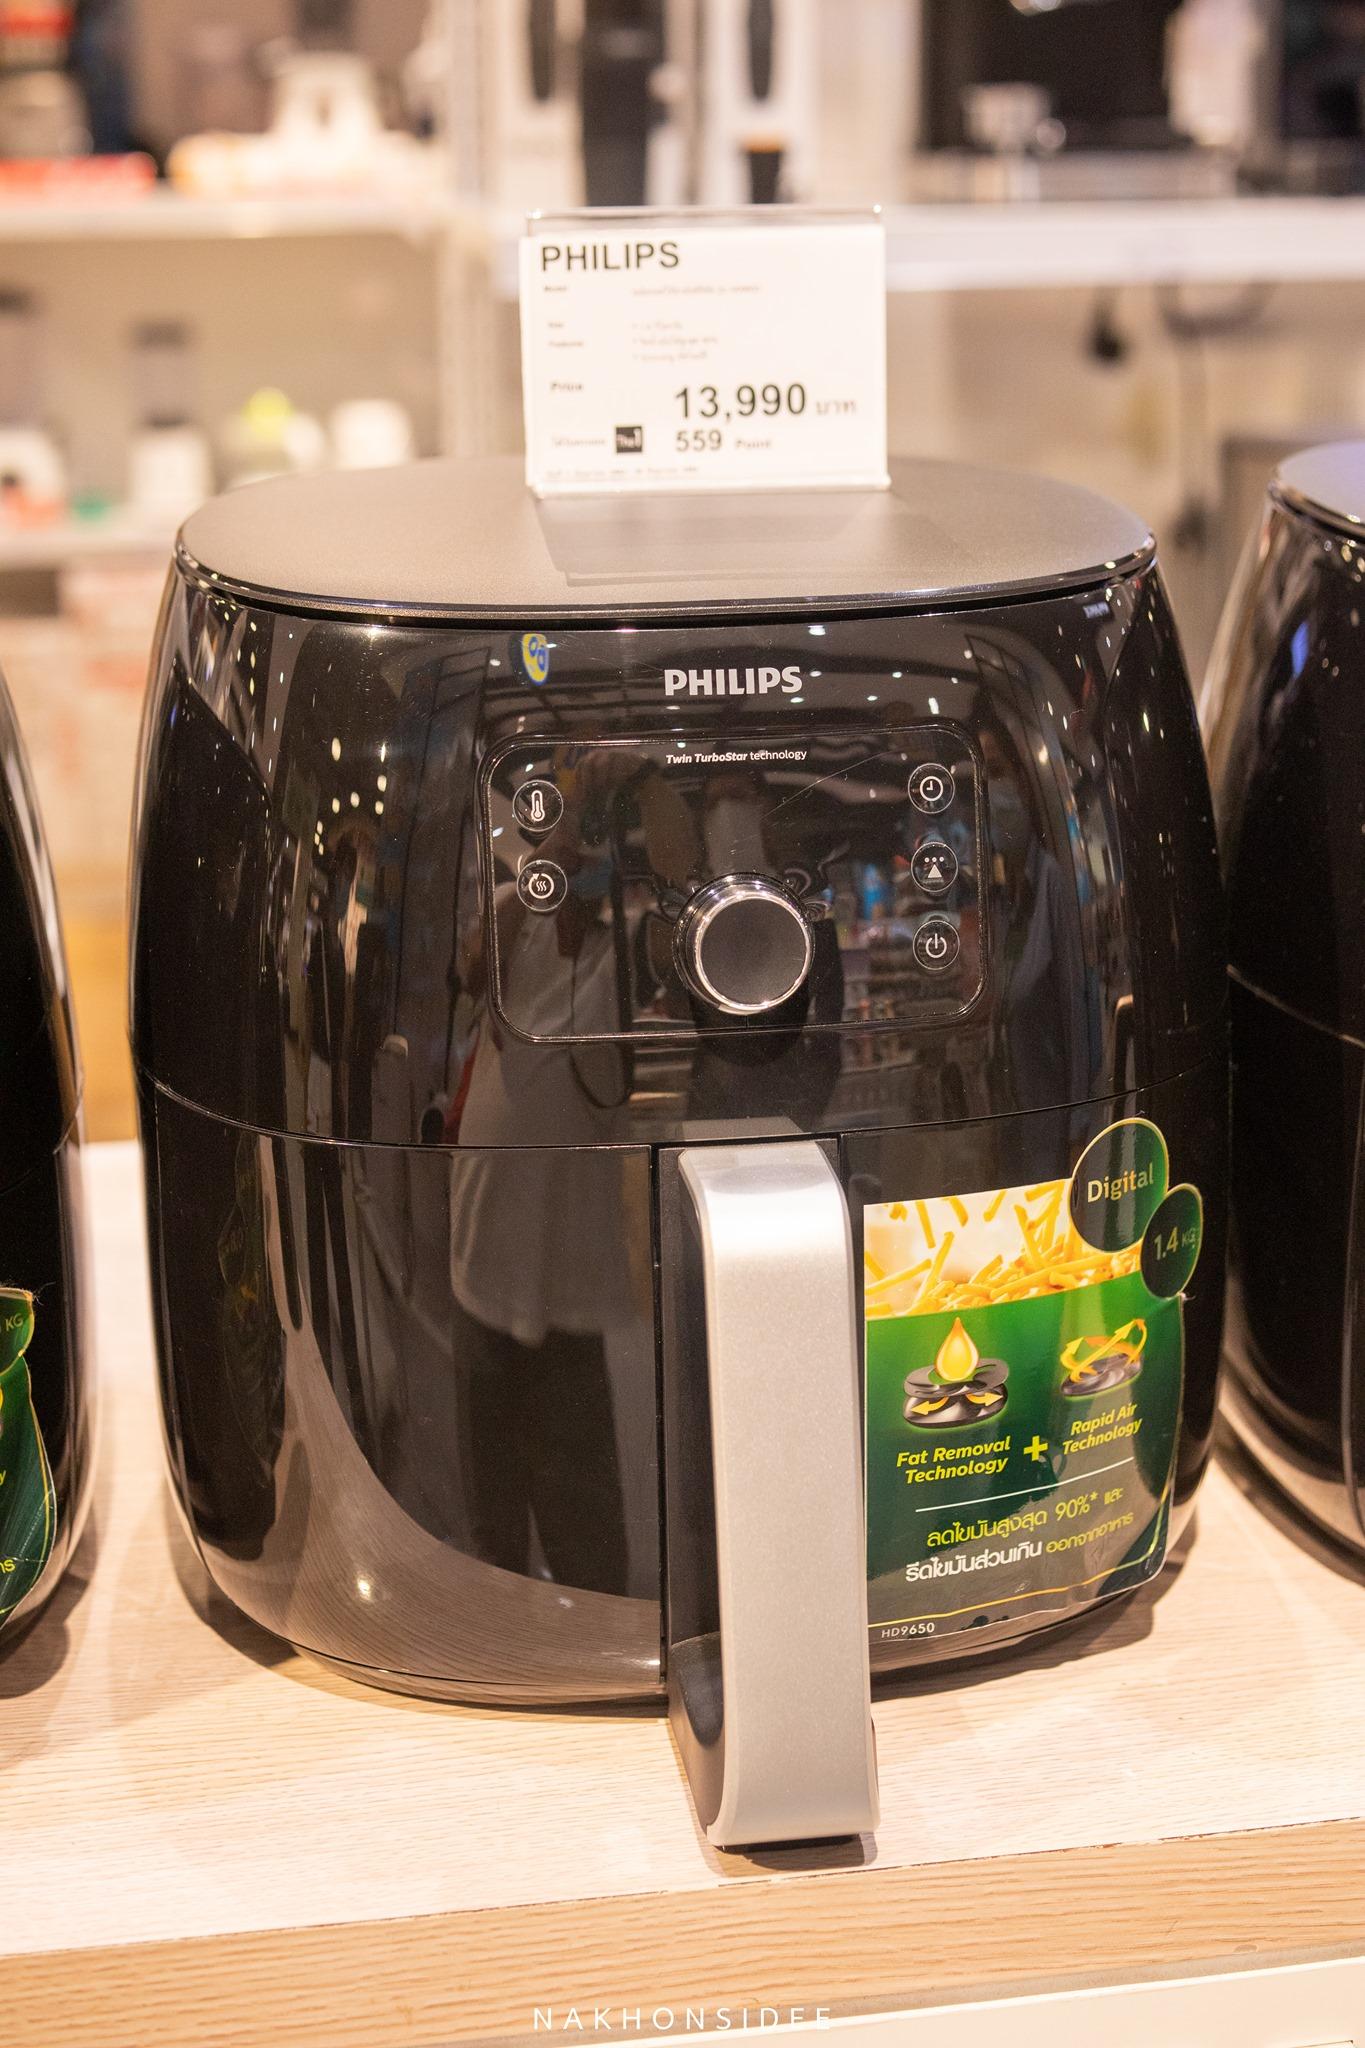 Philips Philips-HD9650-Pro หม้อทอดแบบปังๆ-จากฟิลลิปลดจัดเต็มกันเลยน้า  ราคาปกติ-13990-เหลือ-11990-บาทเท่านั้น โรบินสัน,นครศรีธรรมราช